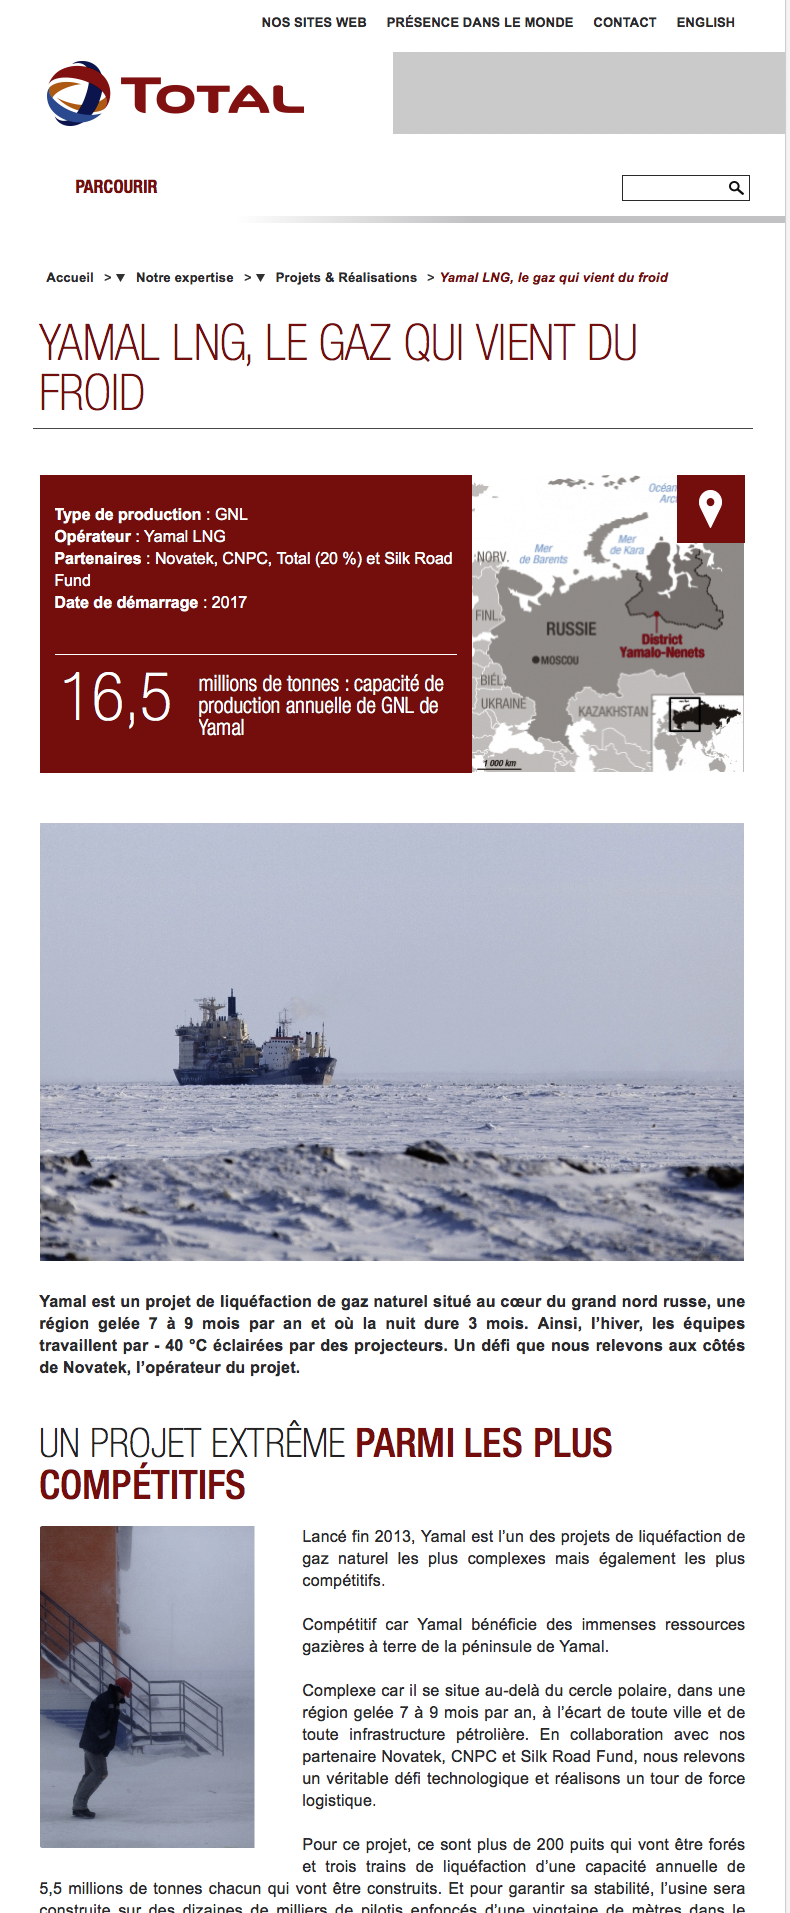 7-Yamal-LNG-le-gaz-qui-vient-du-froid-_-total.com-2017-09-06-16-05-54